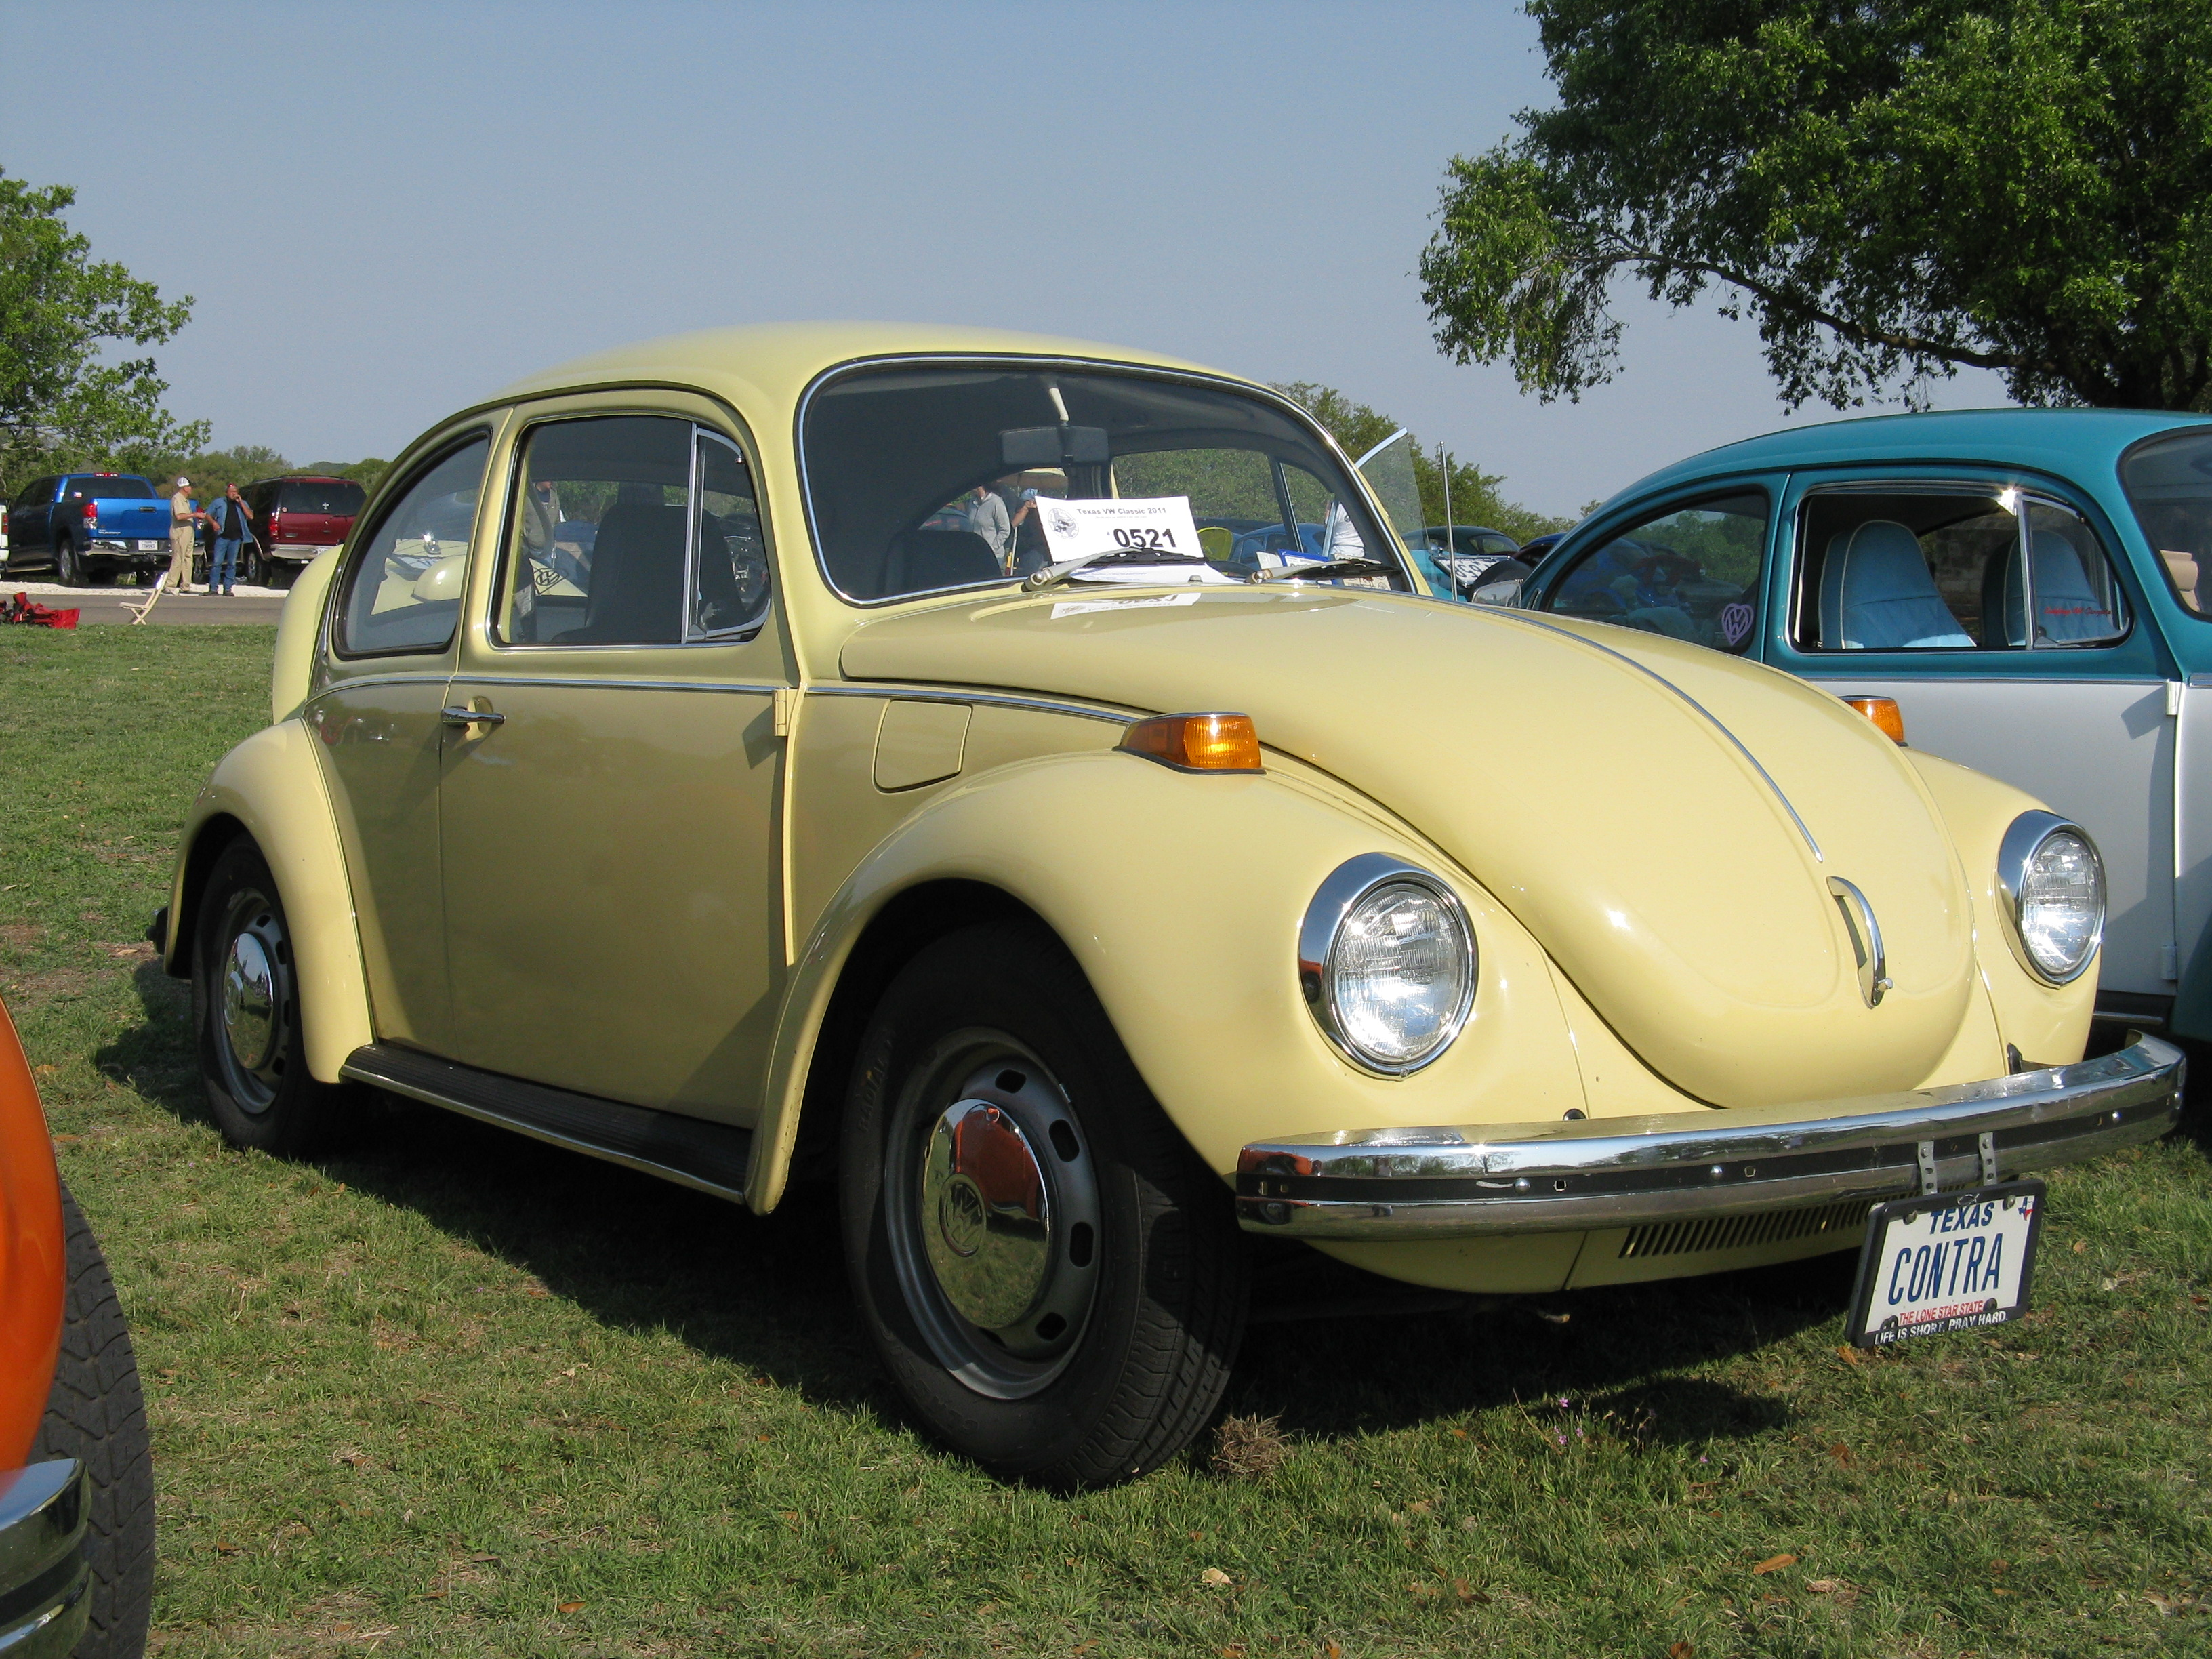 Bumblebee 0521 Texas Vw Classic